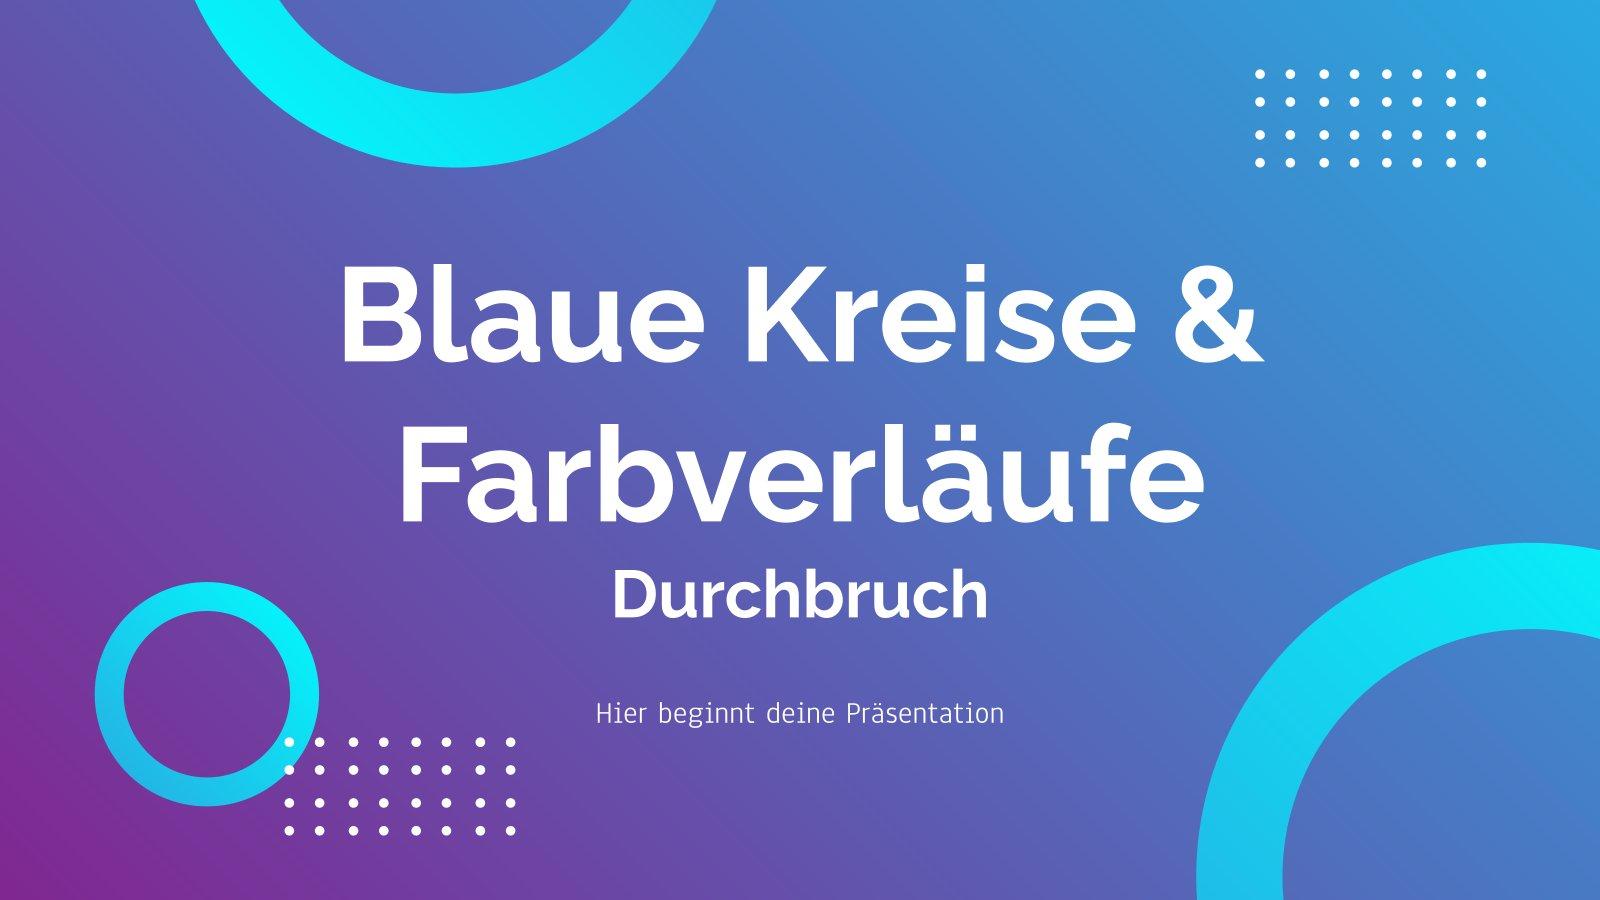 Blaue Kreise & Farbverläufe - Durchbruch presentation template